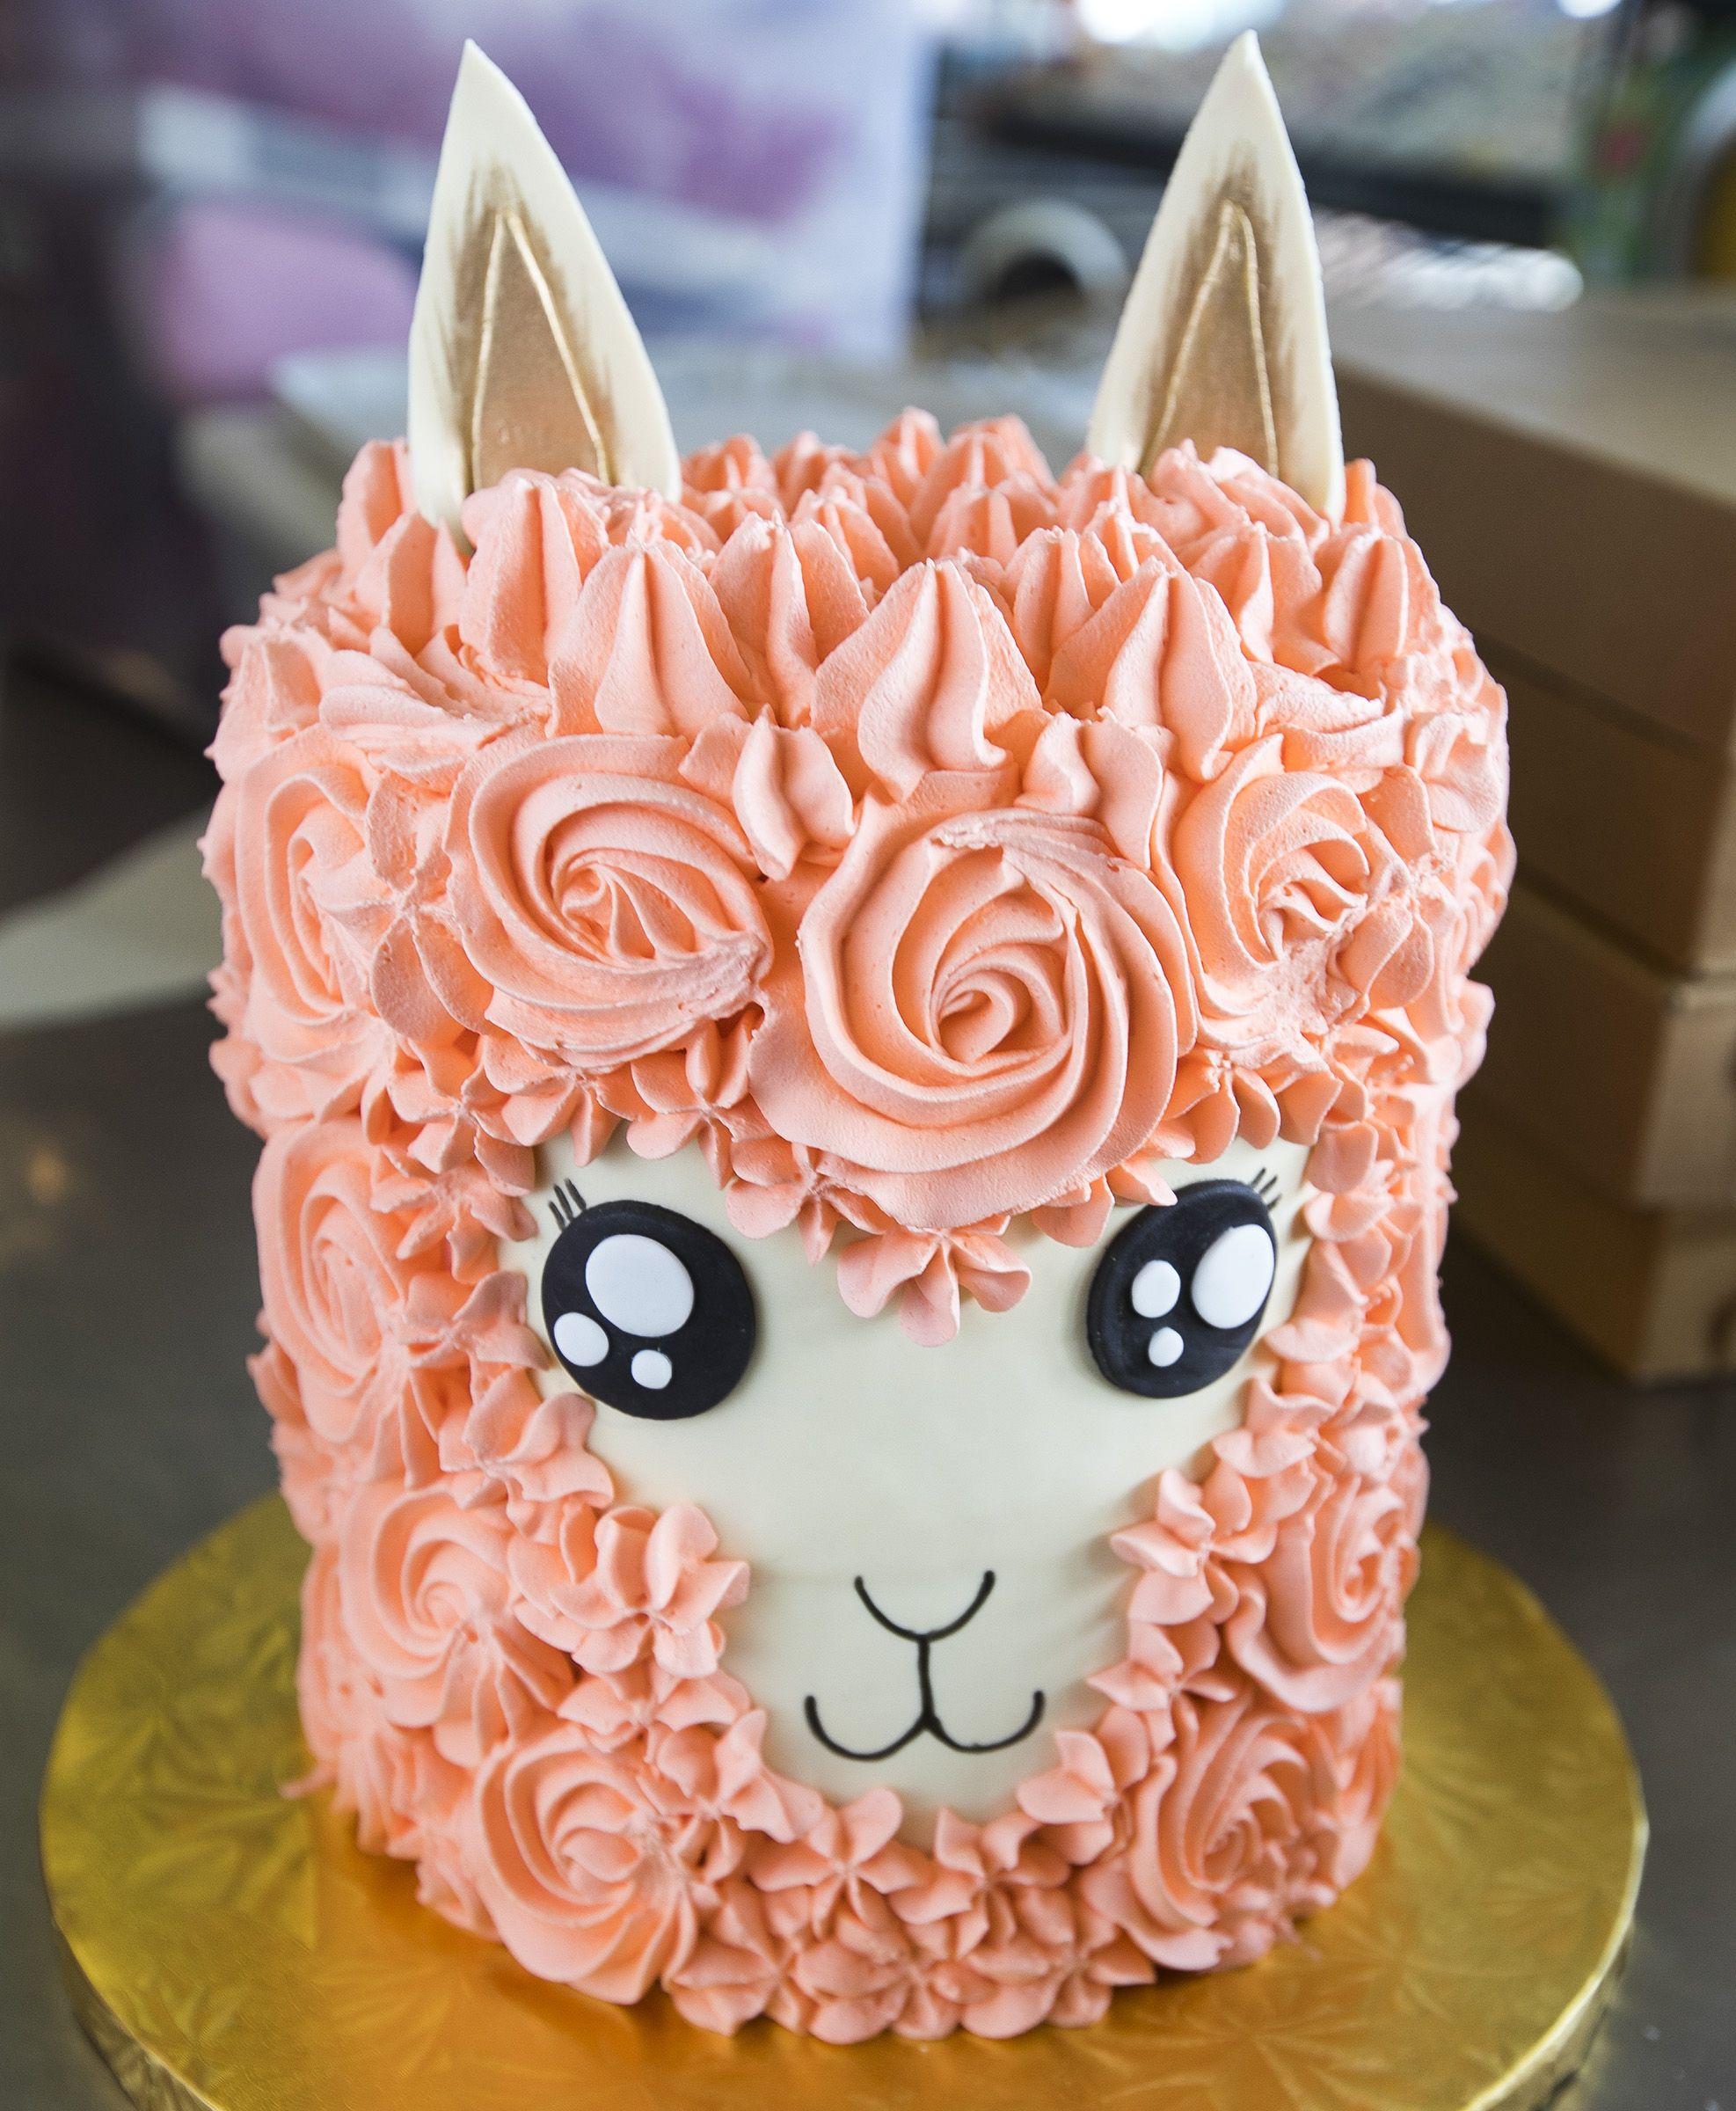 Llama Cake 217 Kids Birthday Cakes Cake Cupcake Cakes